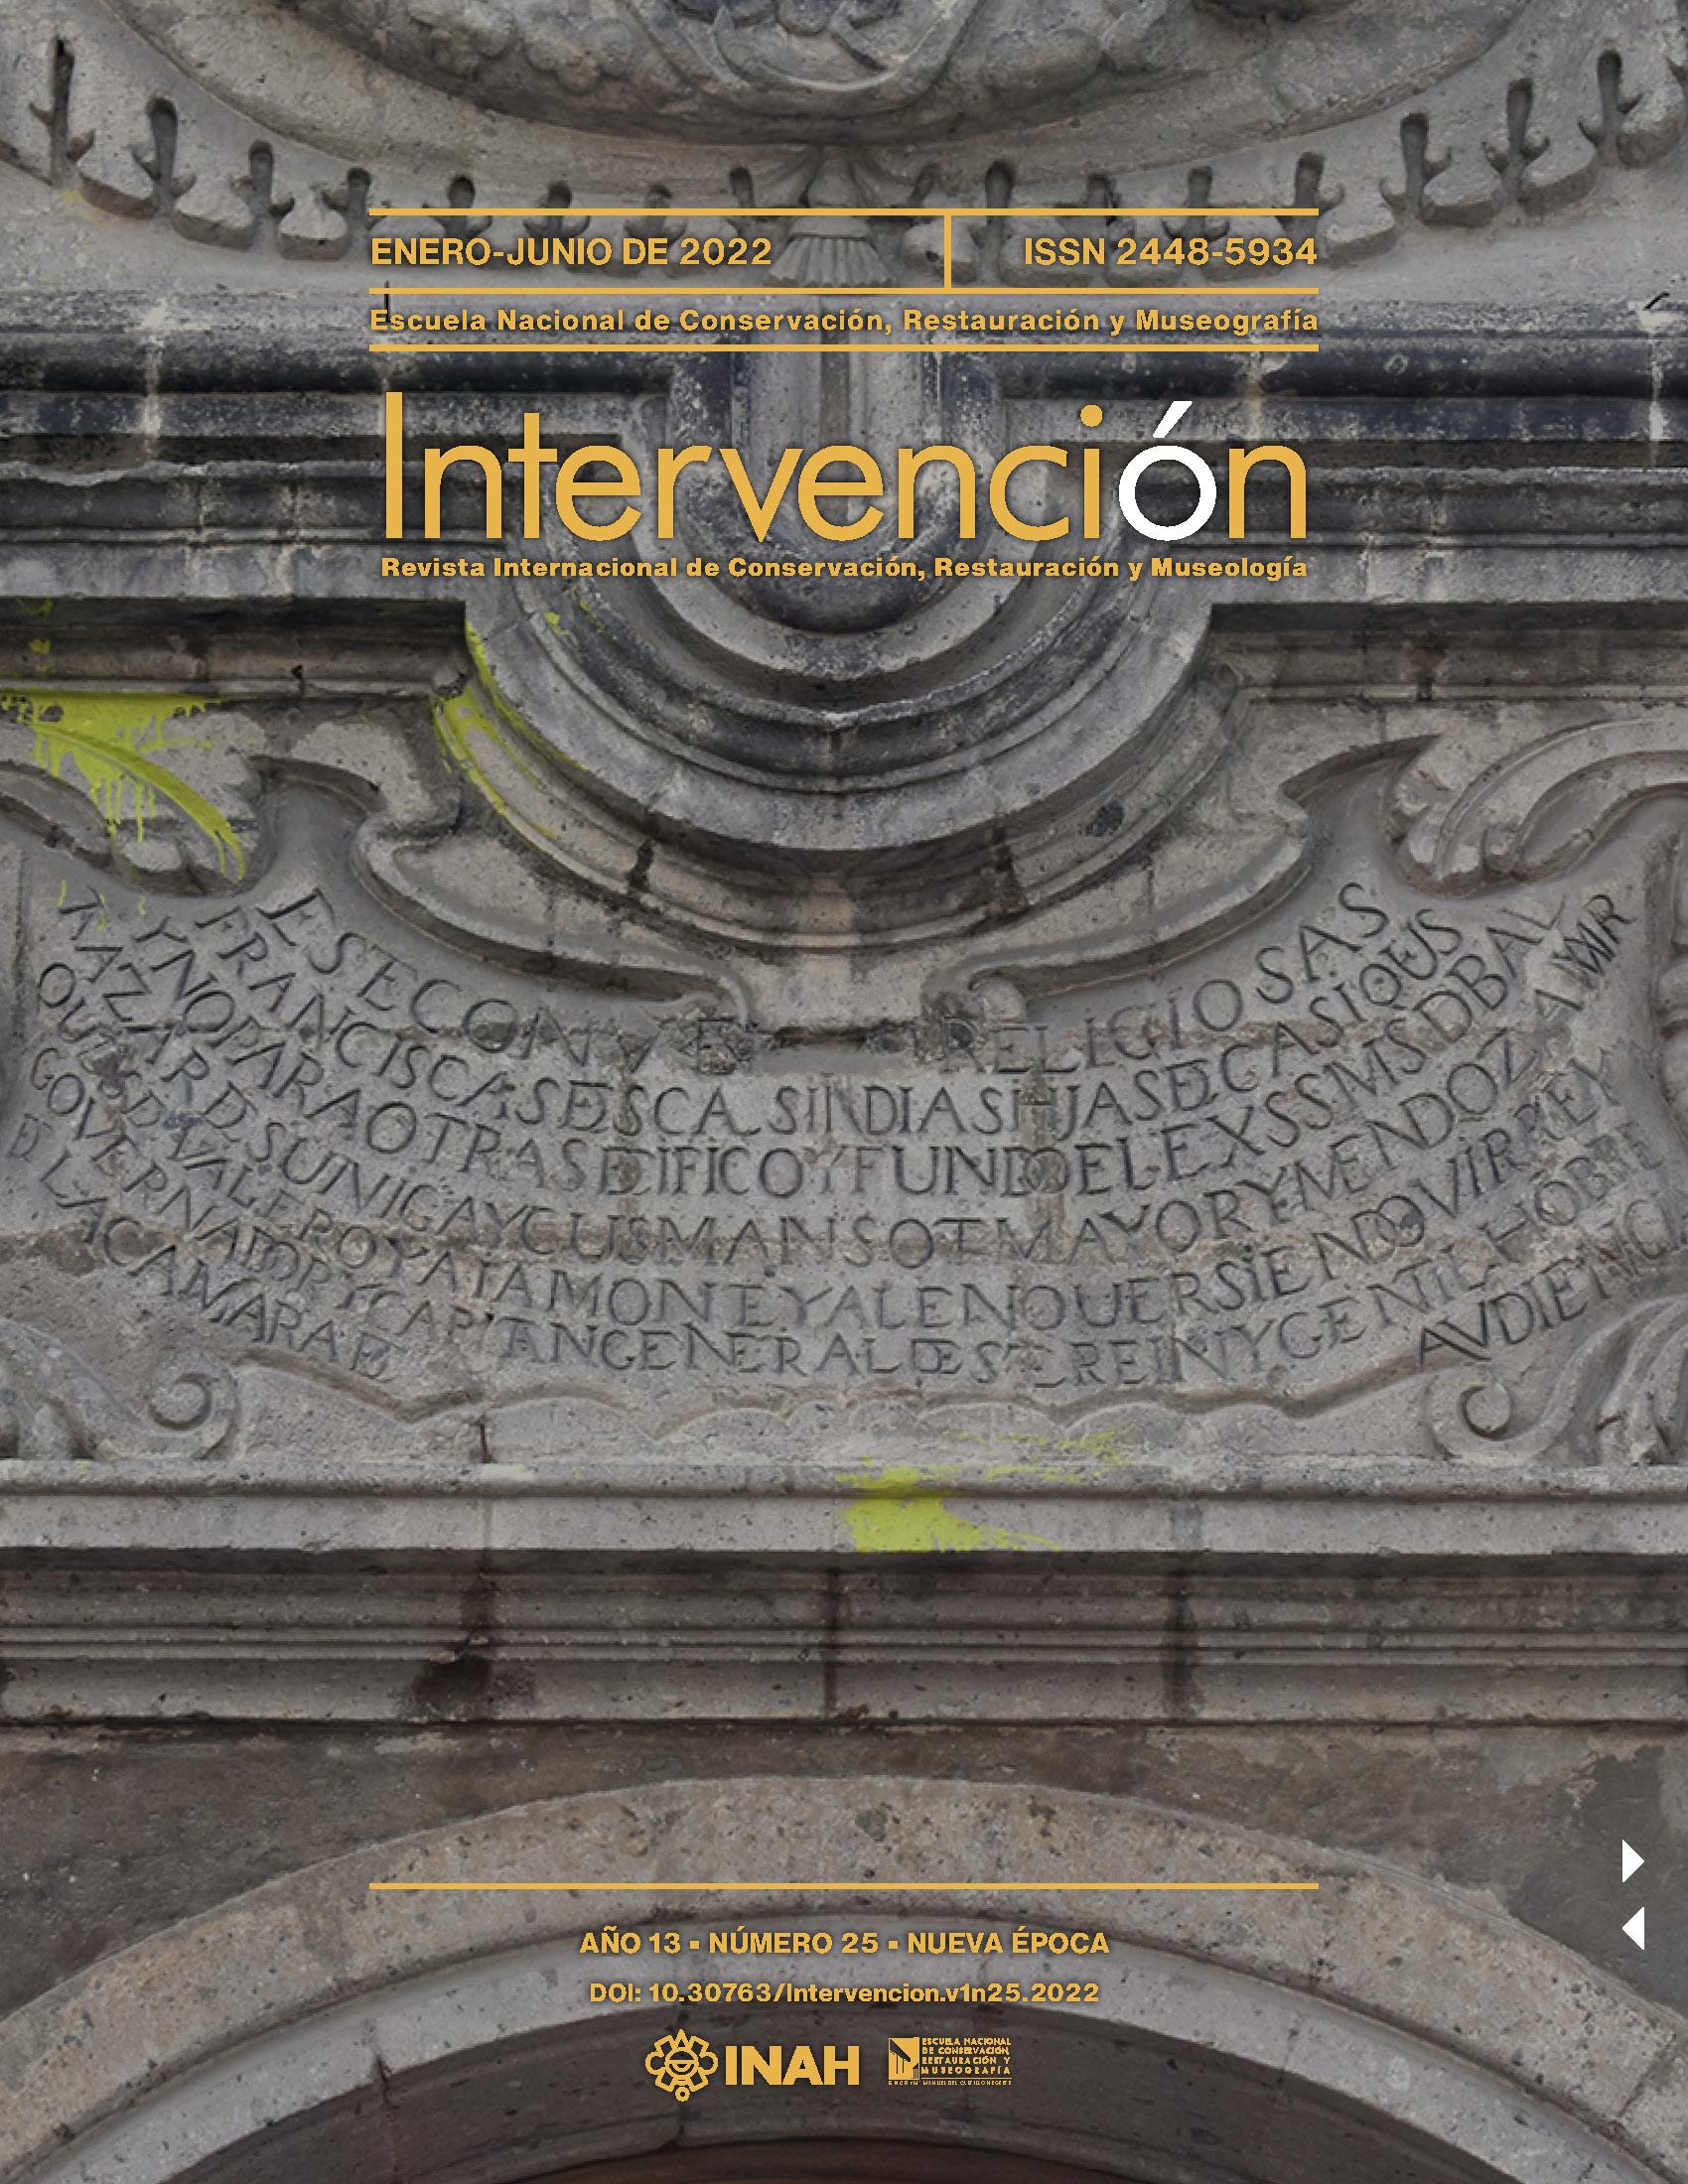 Intervención. Revista Internacional de Conservación, Restauración y Museología